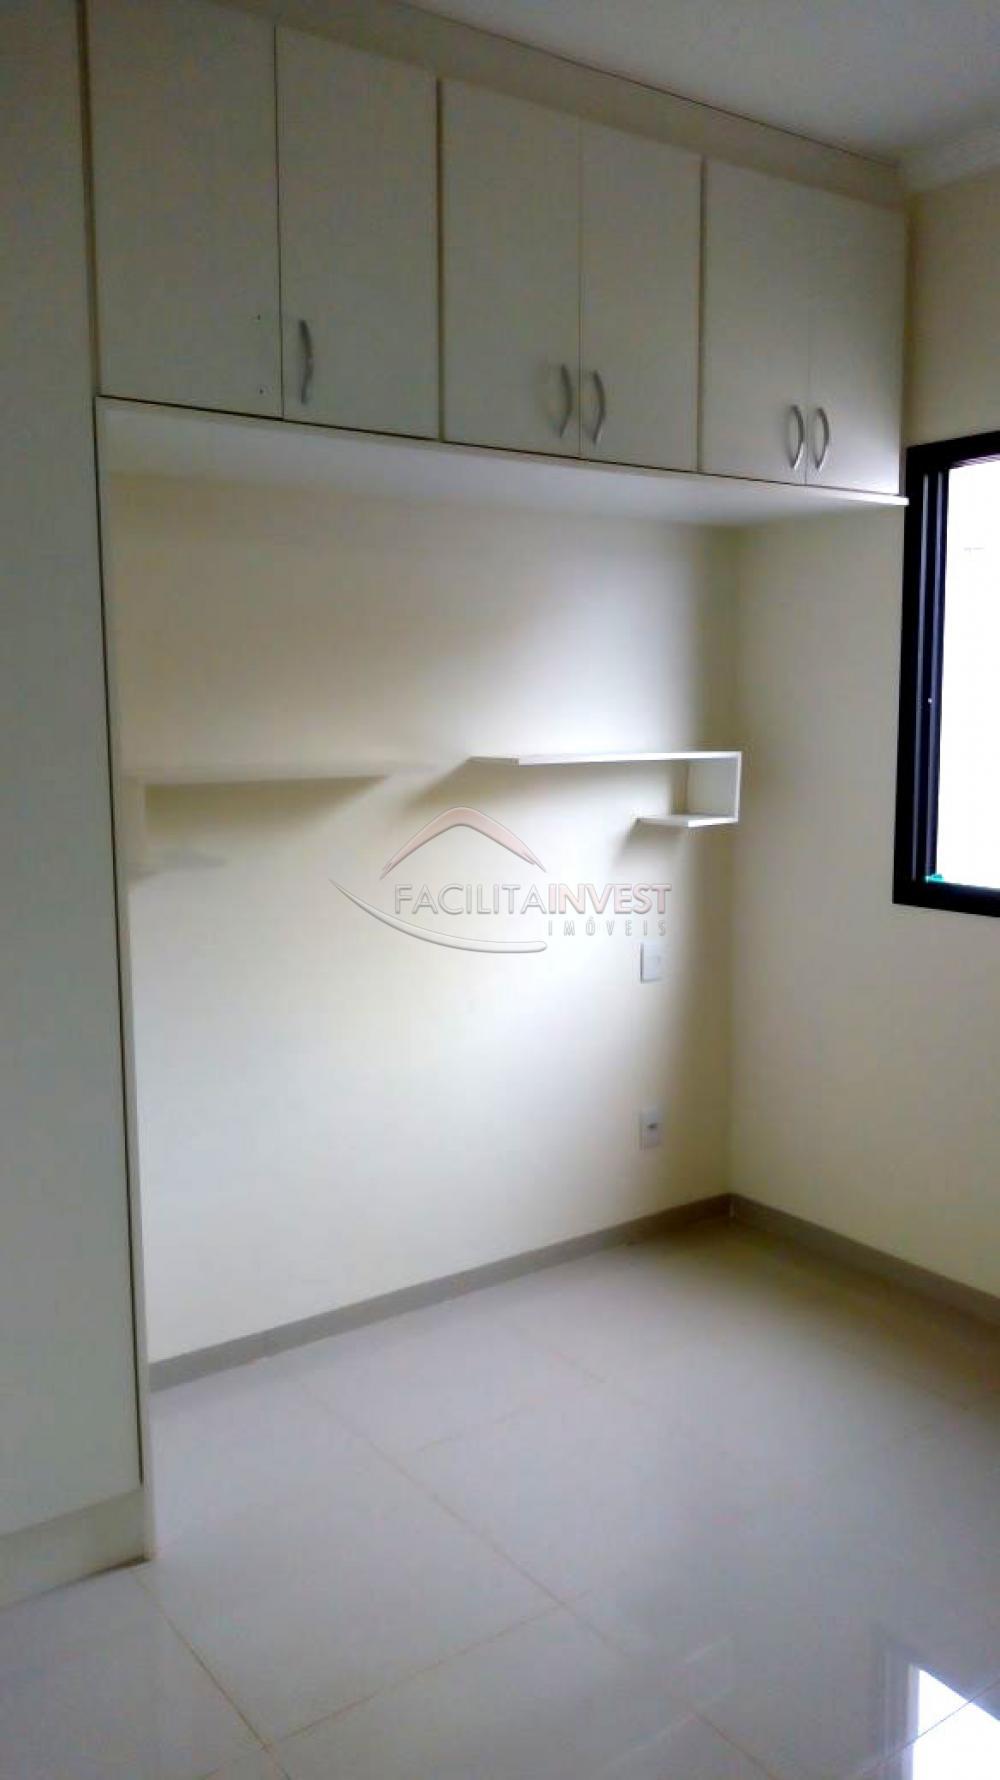 Alugar Apartamentos / Apart. Padrão em Ribeirão Preto apenas R$ 1.350,00 - Foto 12